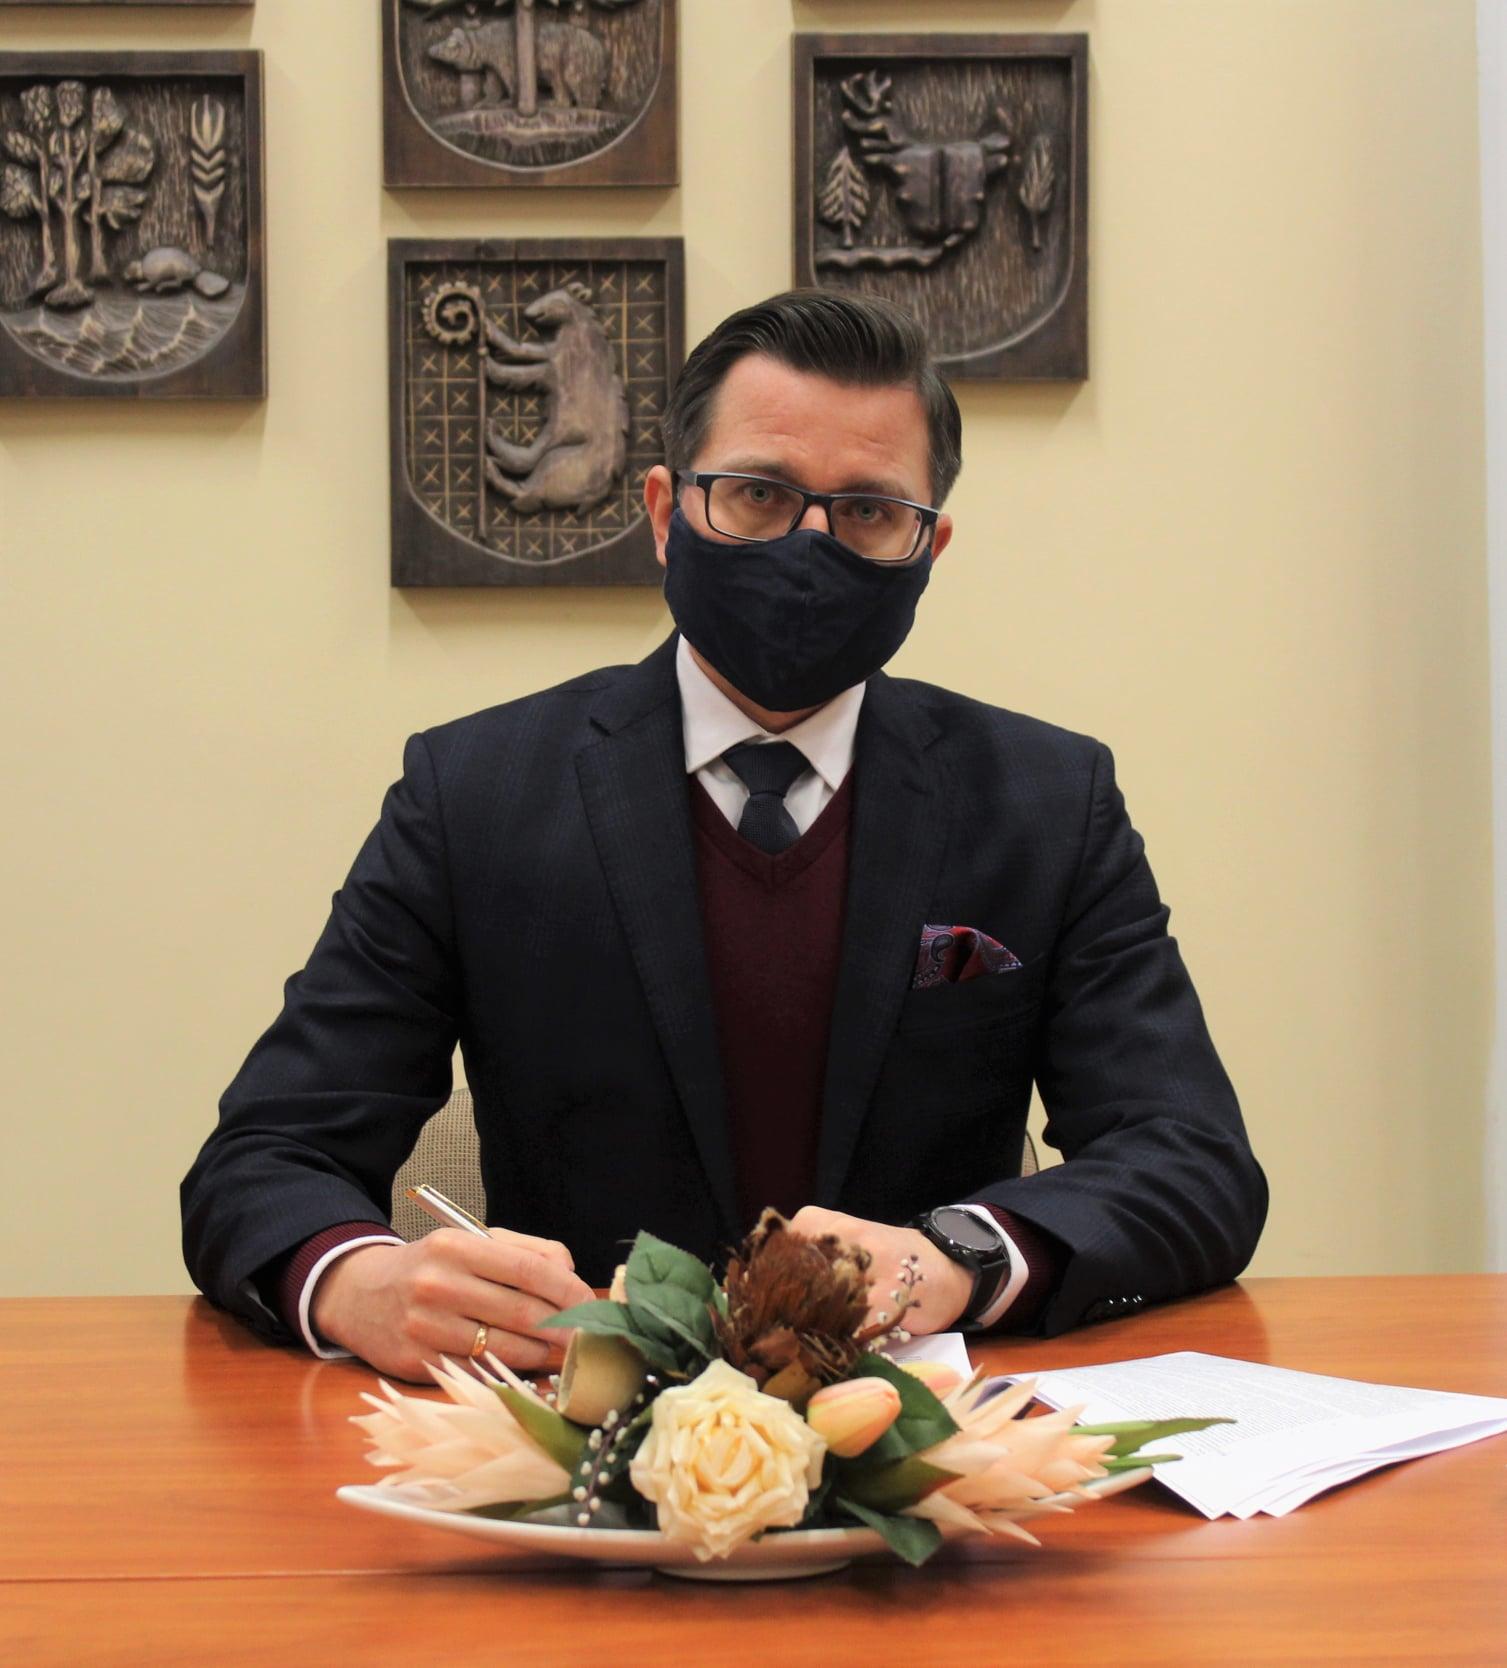 Zdjęcie przedstawia starostę kętrzyńskiego Michała Kochanowskiego podpisującego umowę